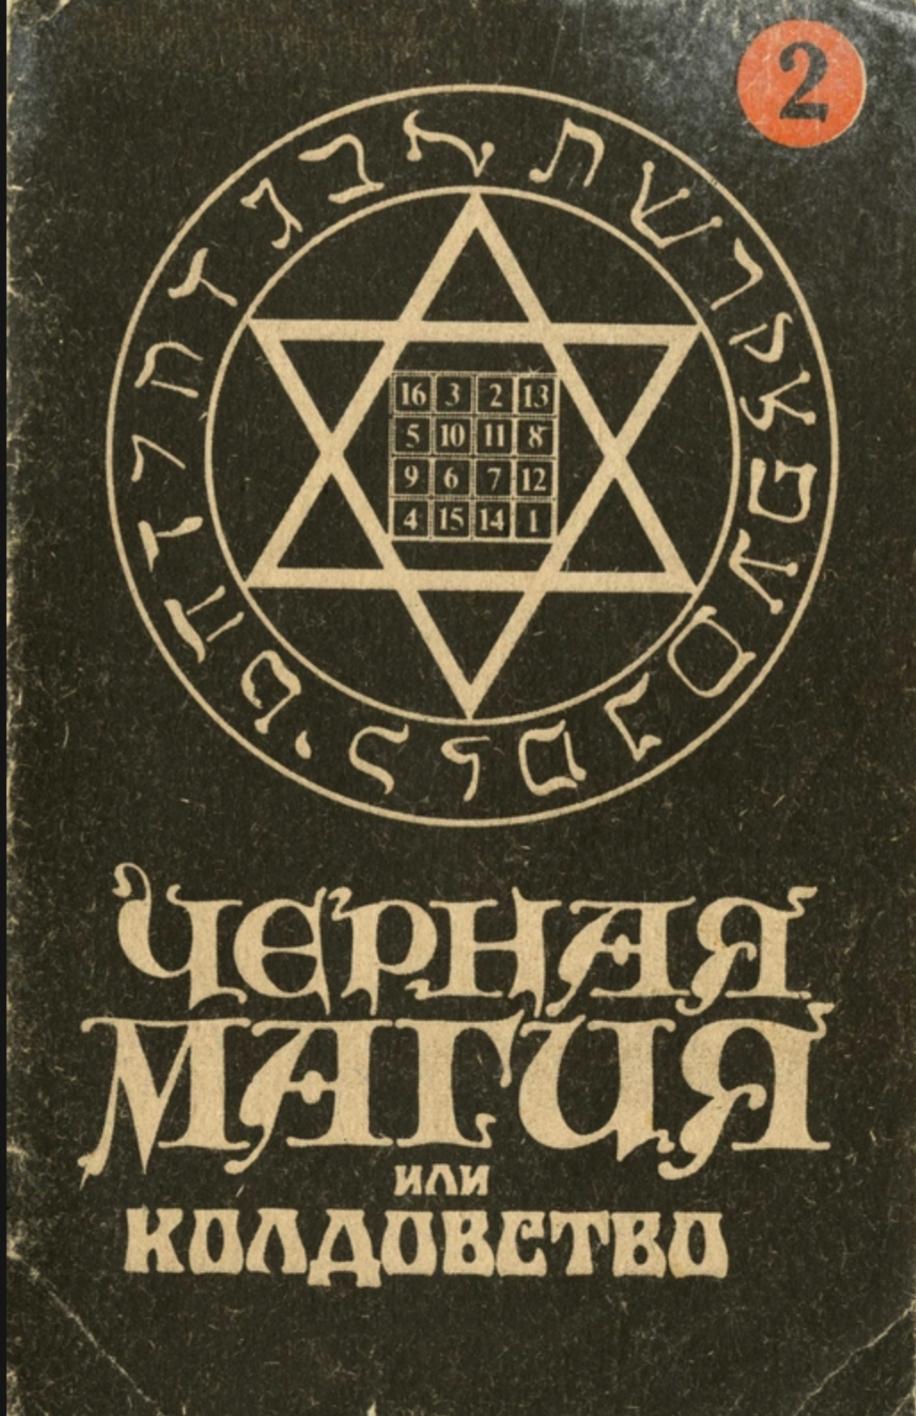 Занятие черной магией в домашних условиях и темные ритуалы